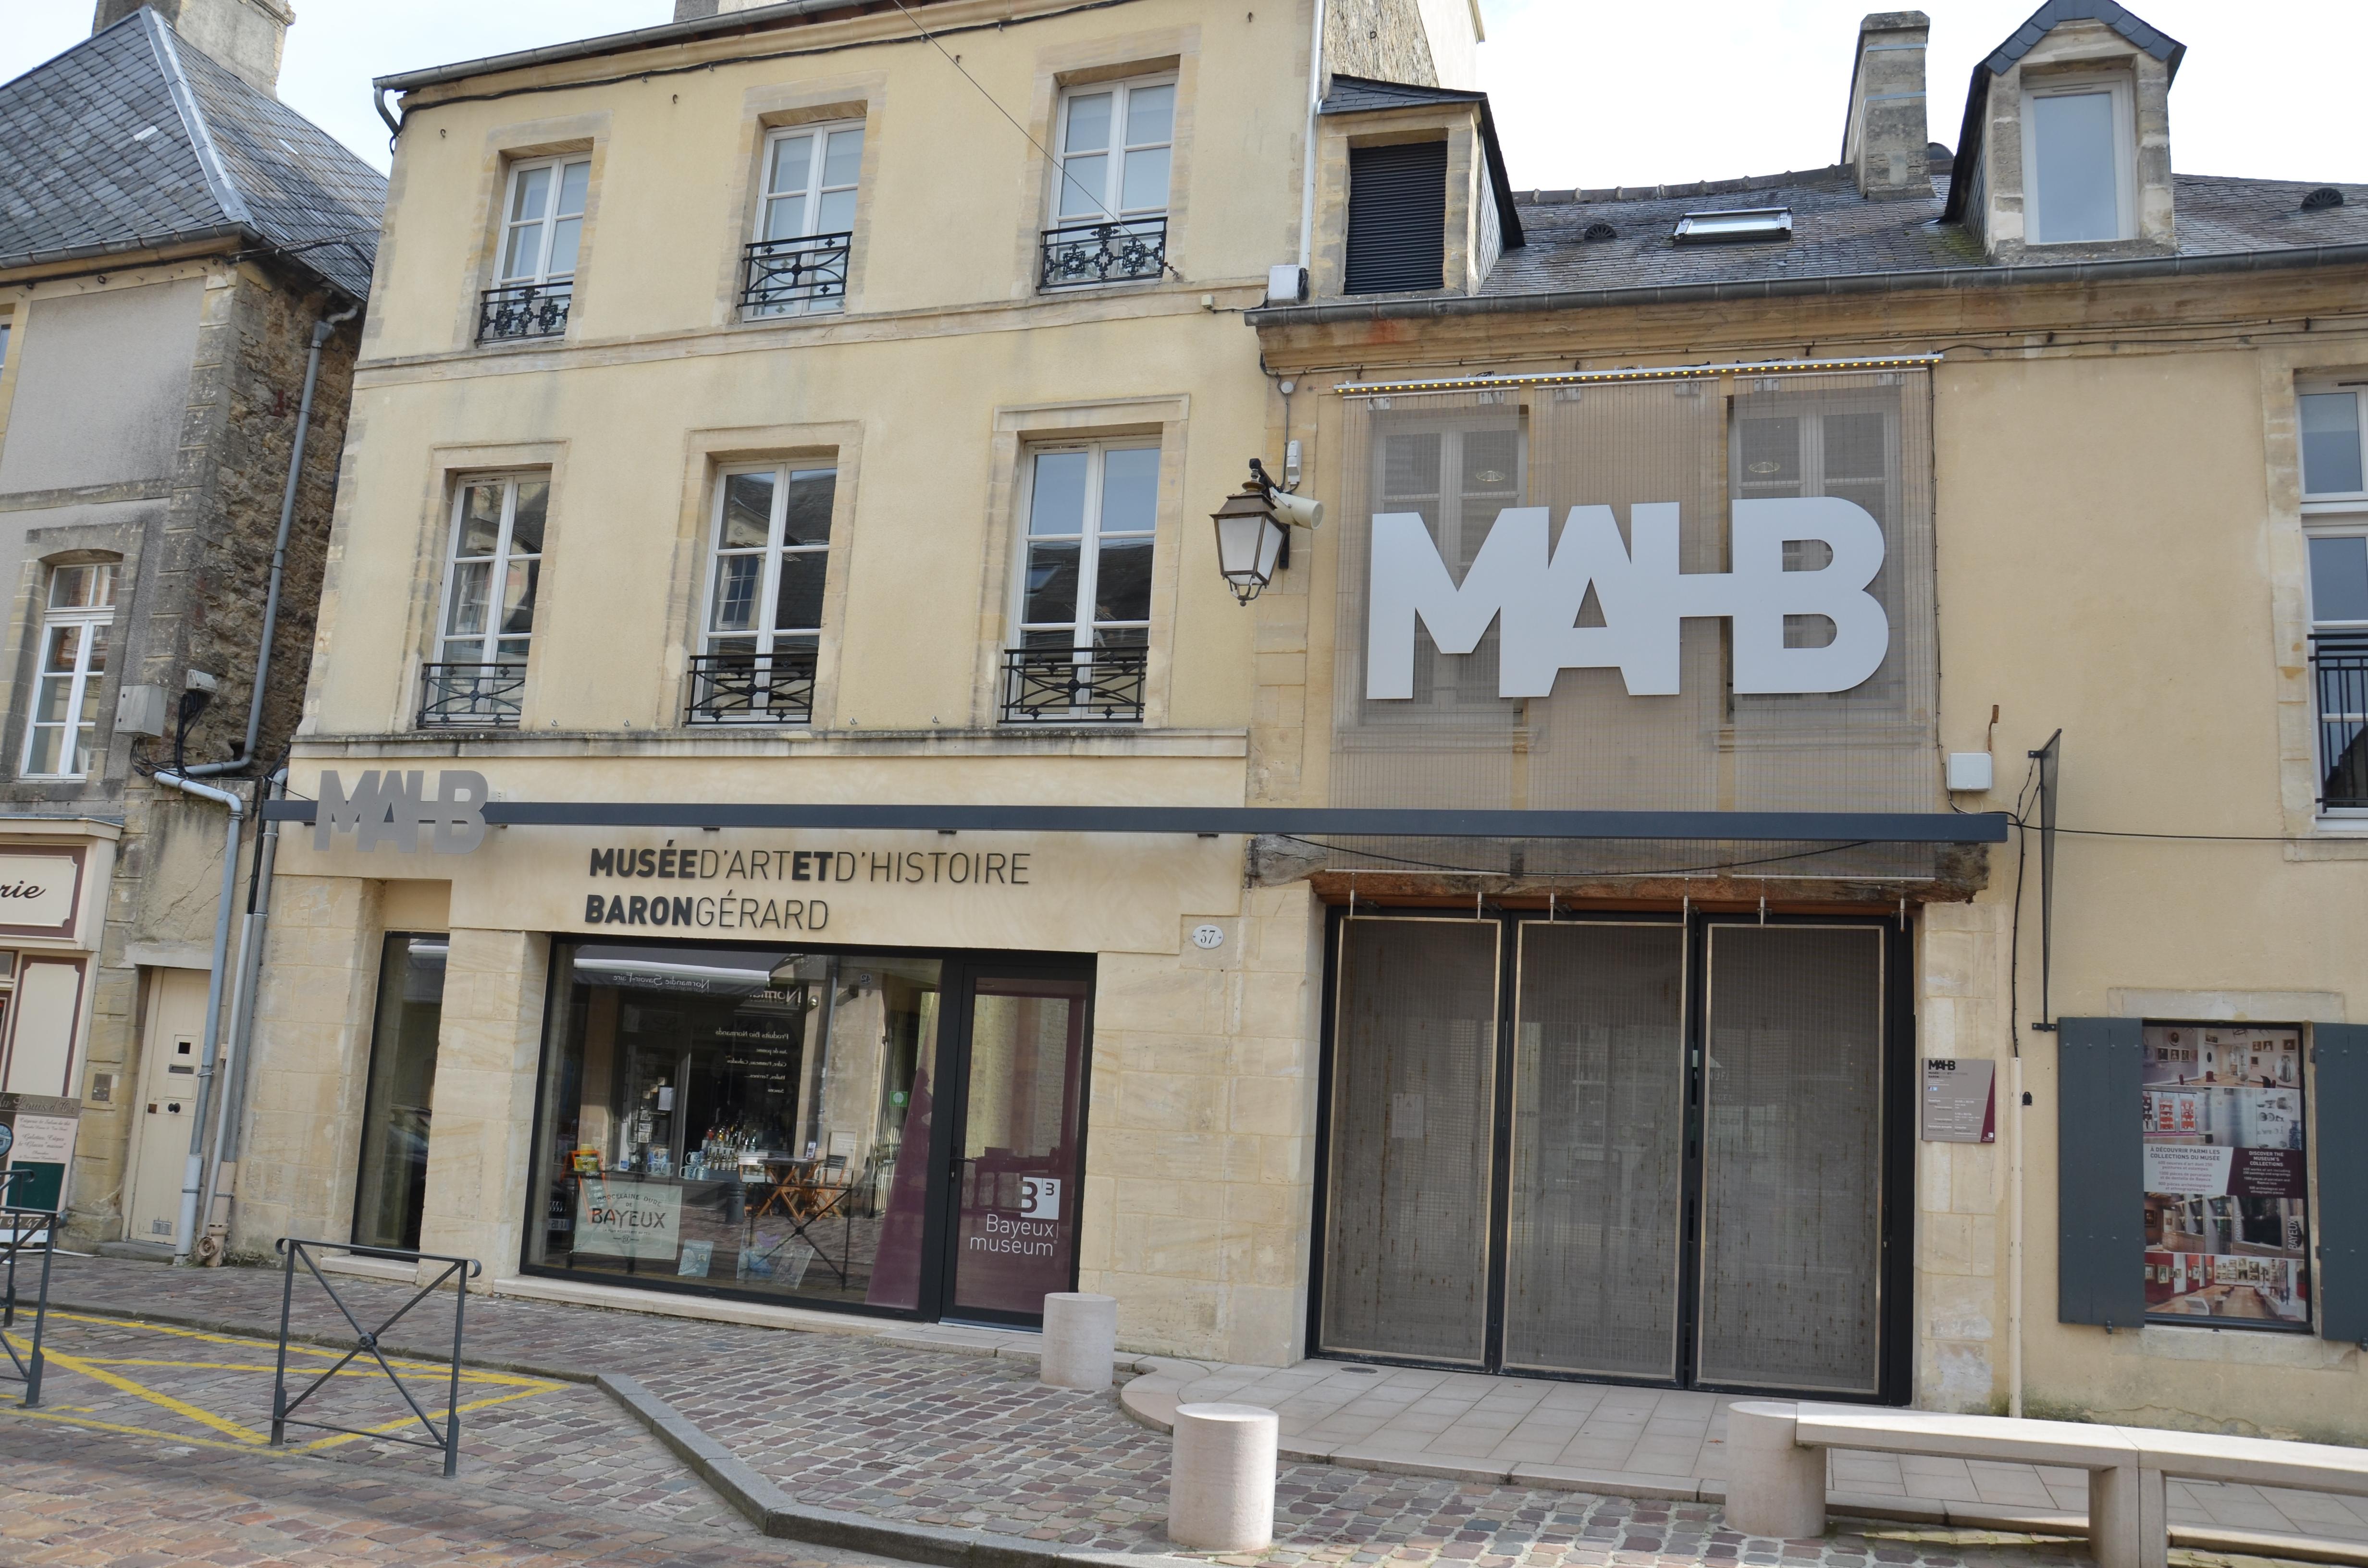 le musée du Baron Gérard Bayeux